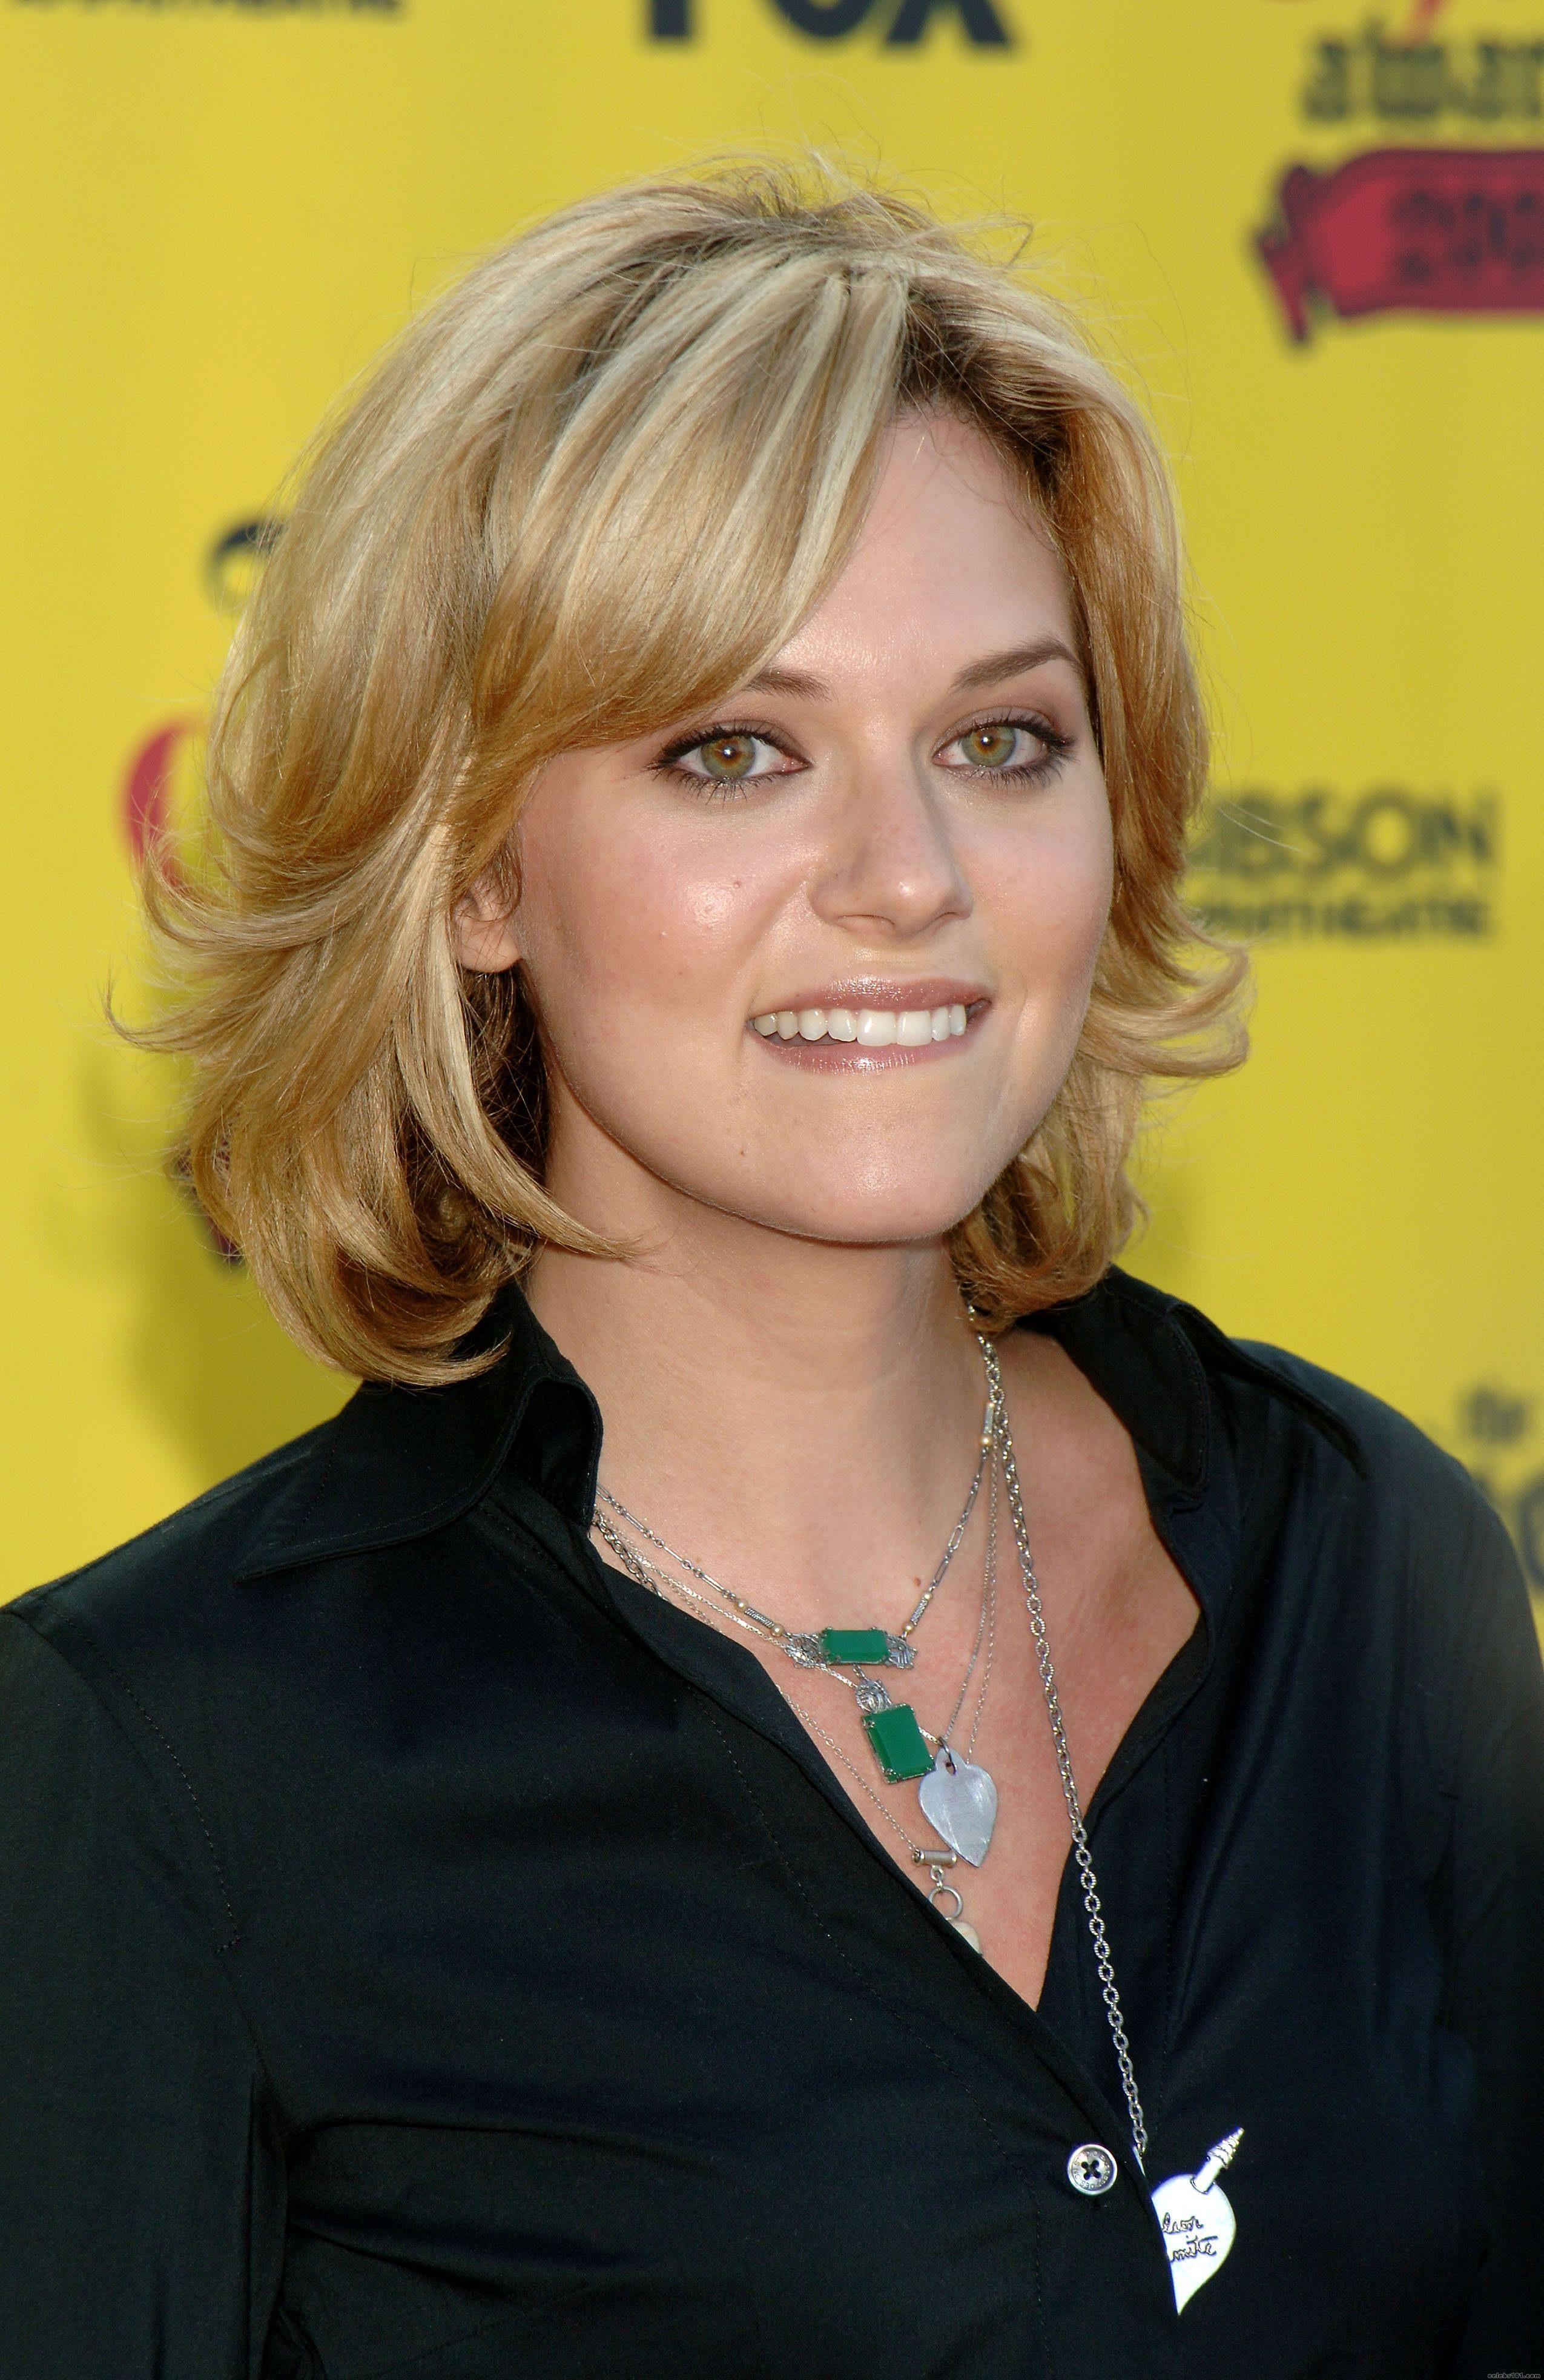 Hilarie Ross Burton, de son vrai nom, est une actrice